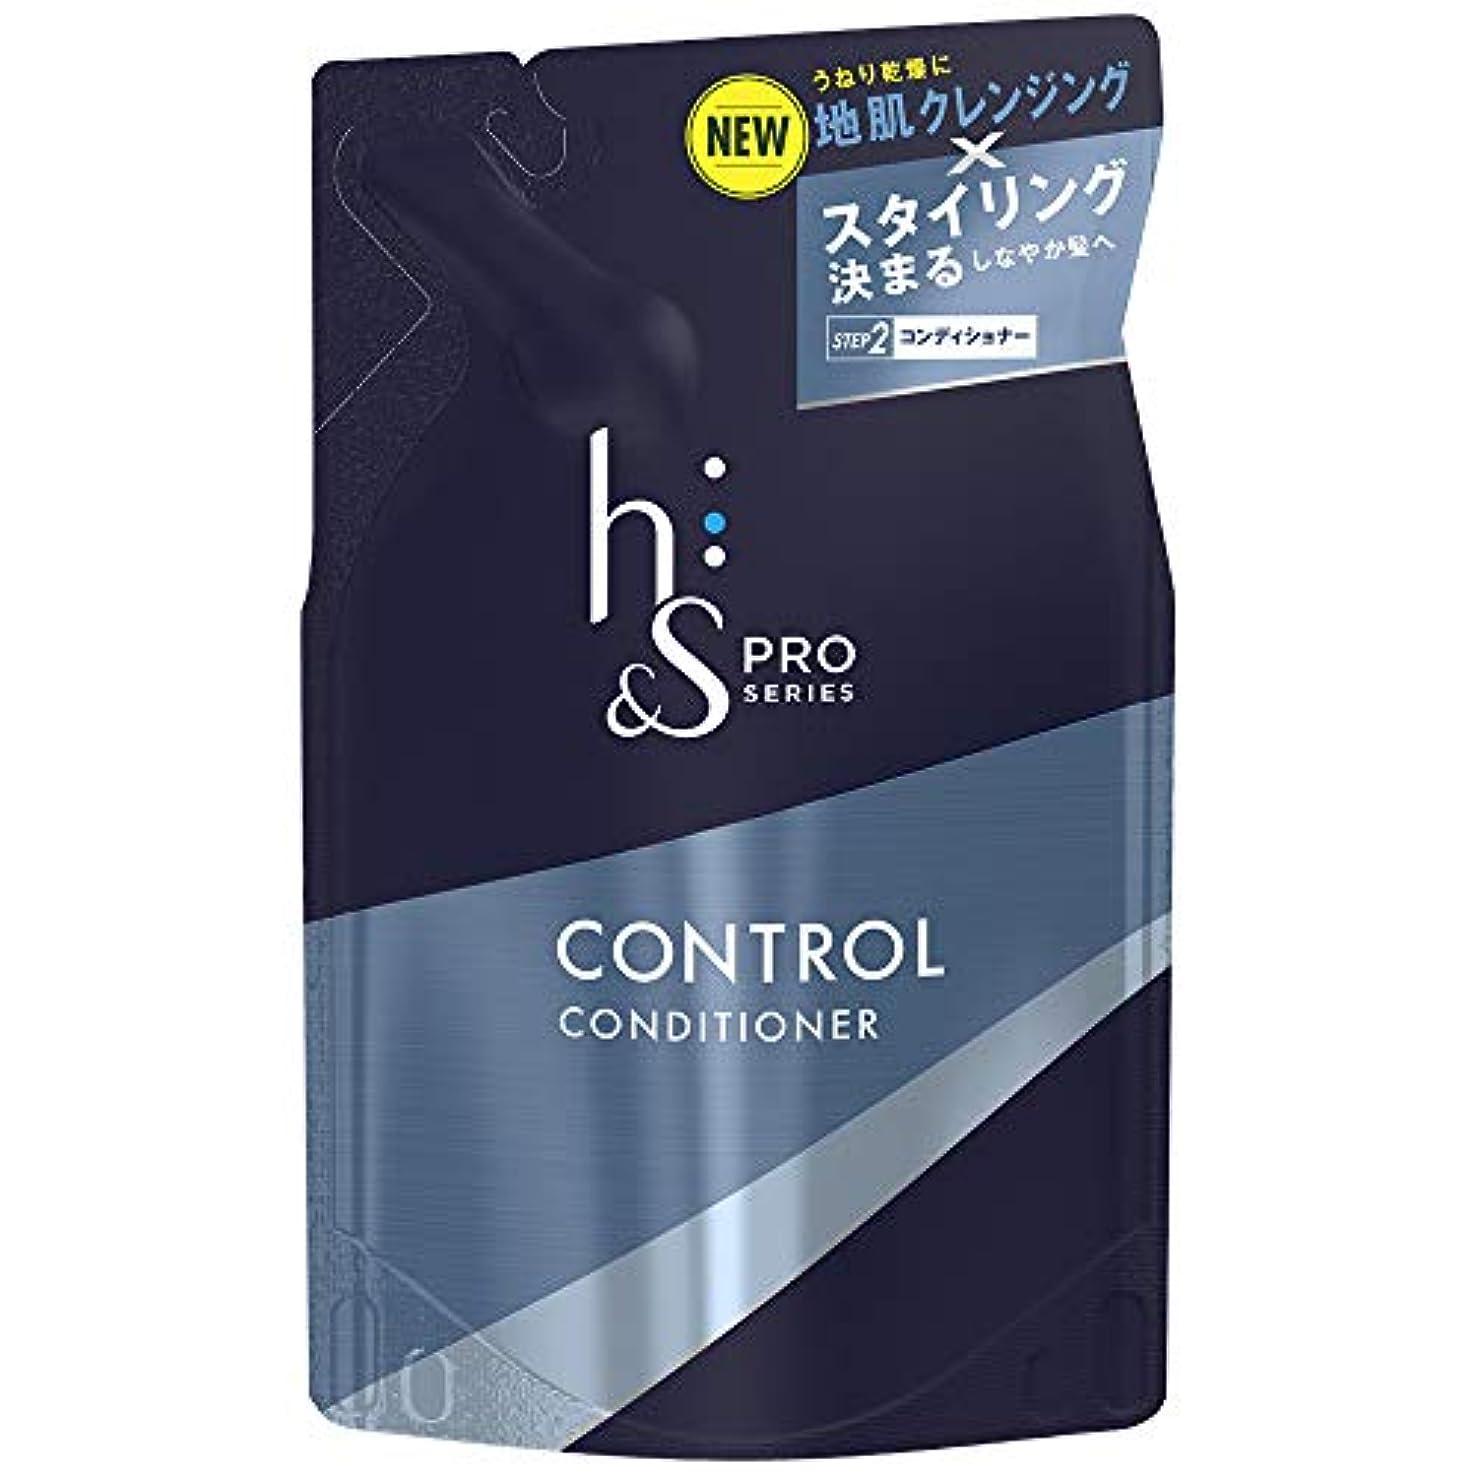 磁石回想本質的ではないh&s PRO (エイチアンドエス プロ) メンズ コンディショナー コントロール 詰め替え (スタイリング重視) 300g